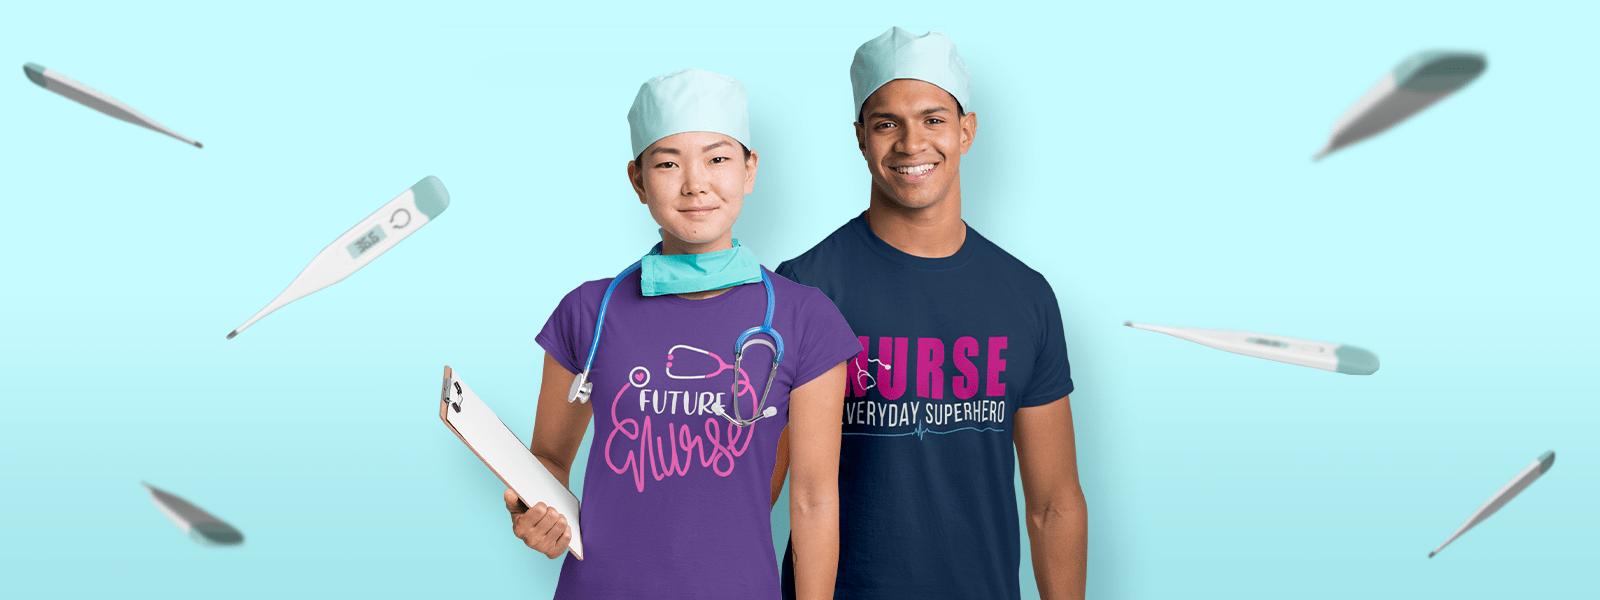 Best Gift Ideas for Nurses